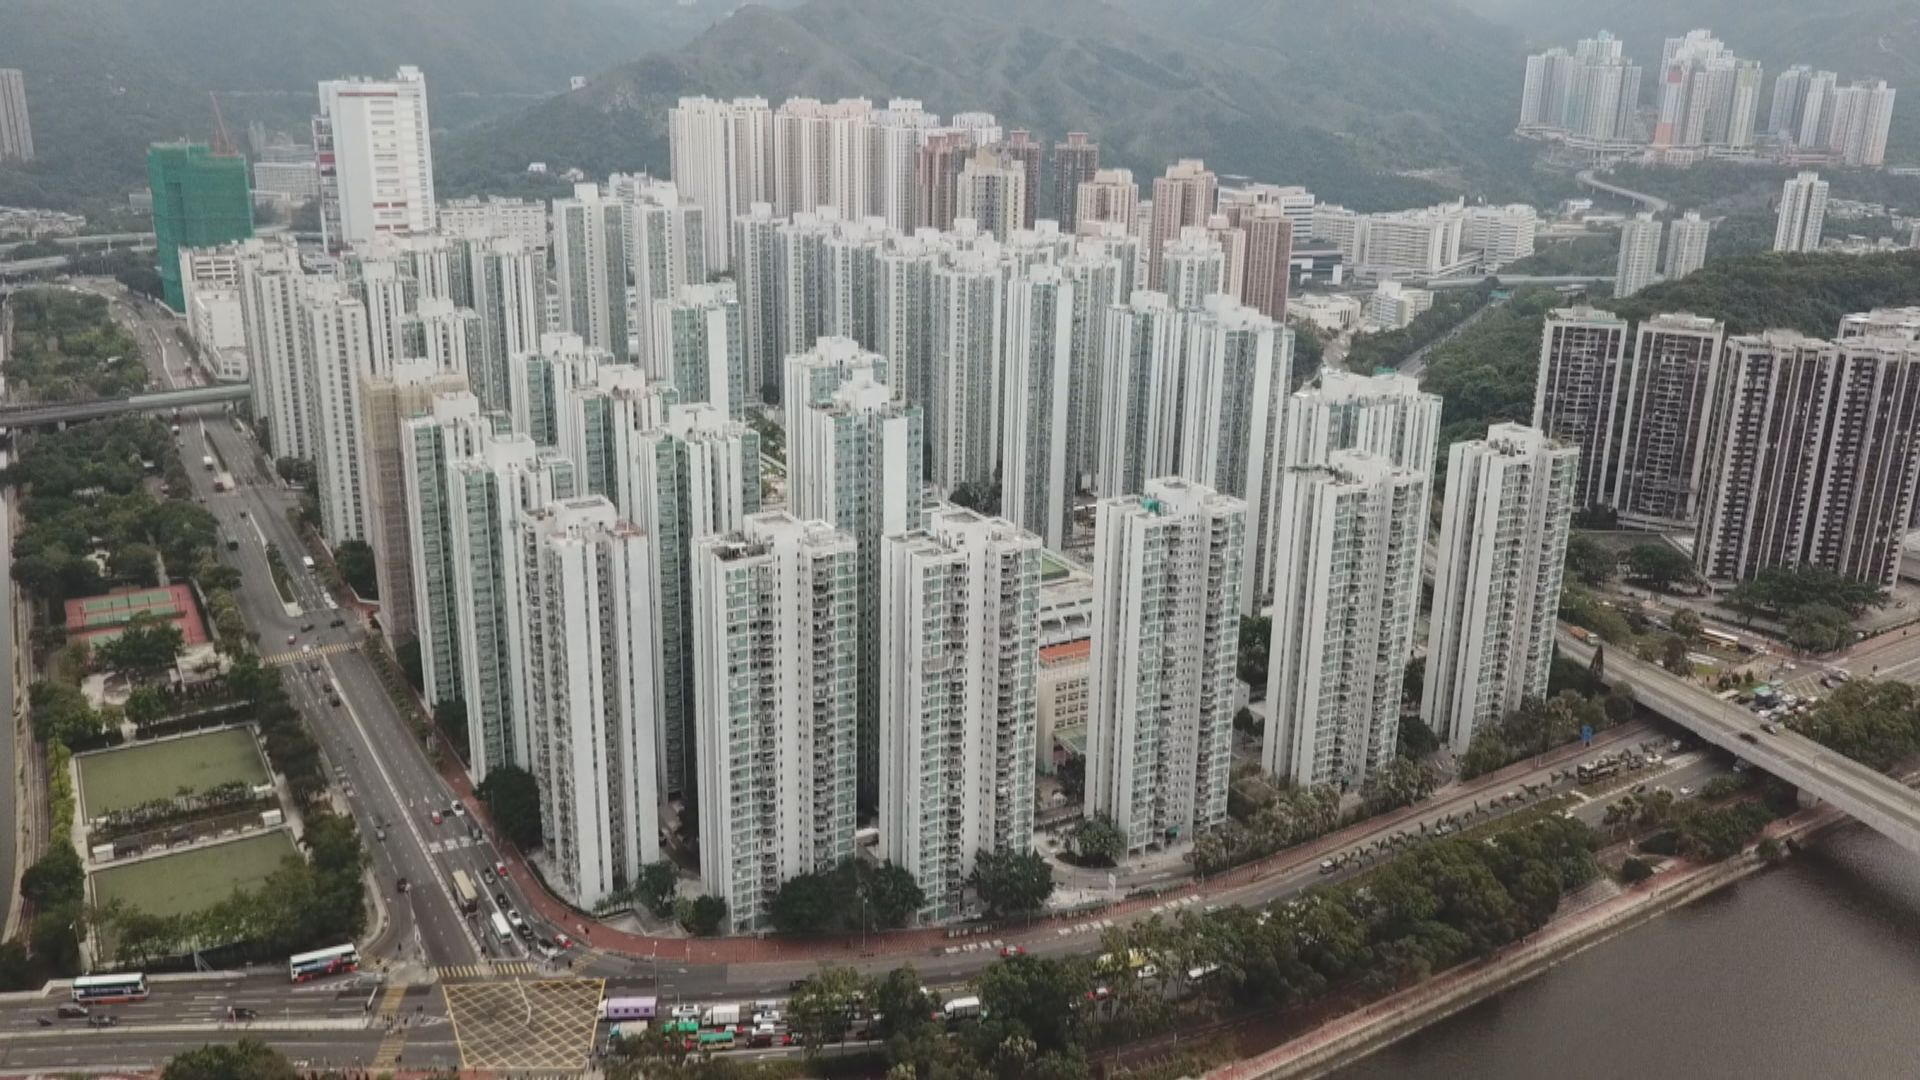 去年全年樓價升1.6% 租金升3.1%